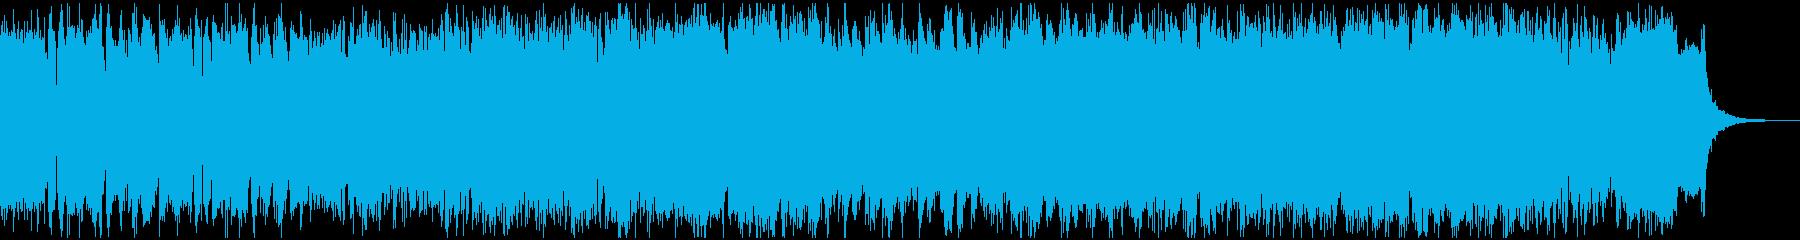 テクニカルでエモーショナルなマスロックの再生済みの波形